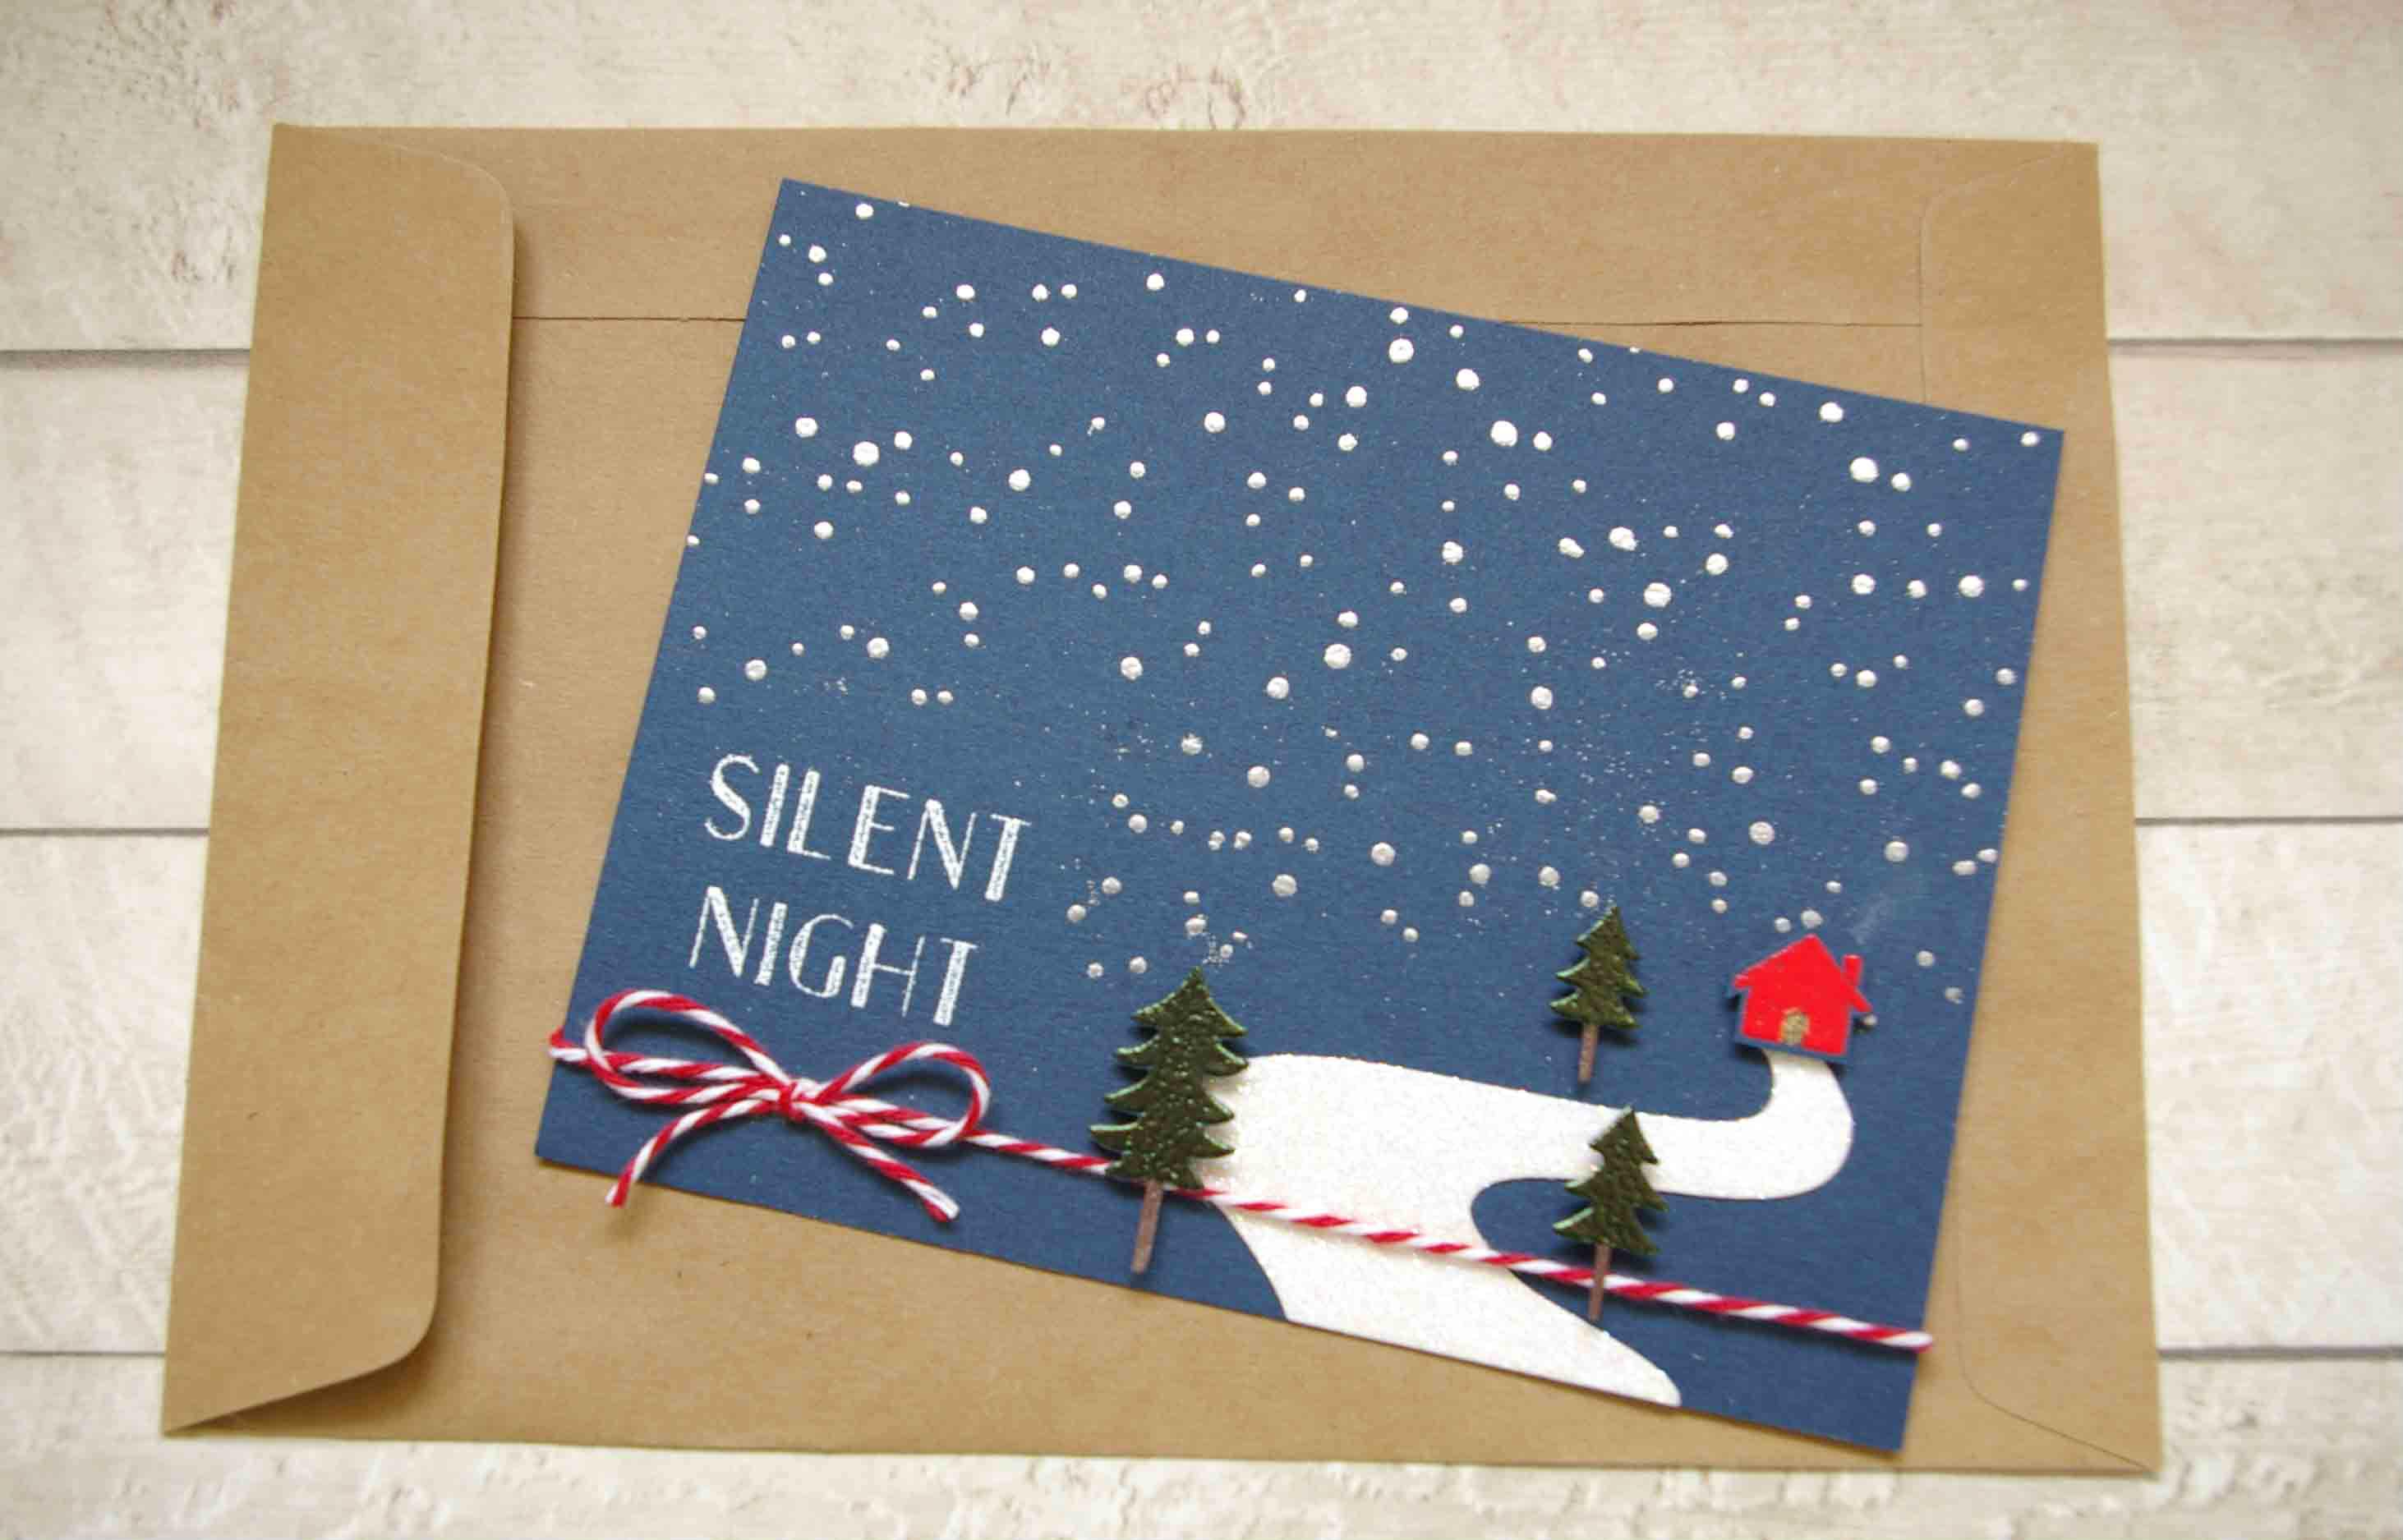 Tolle Weihnachtskarte Vorlage finden Sie hier!